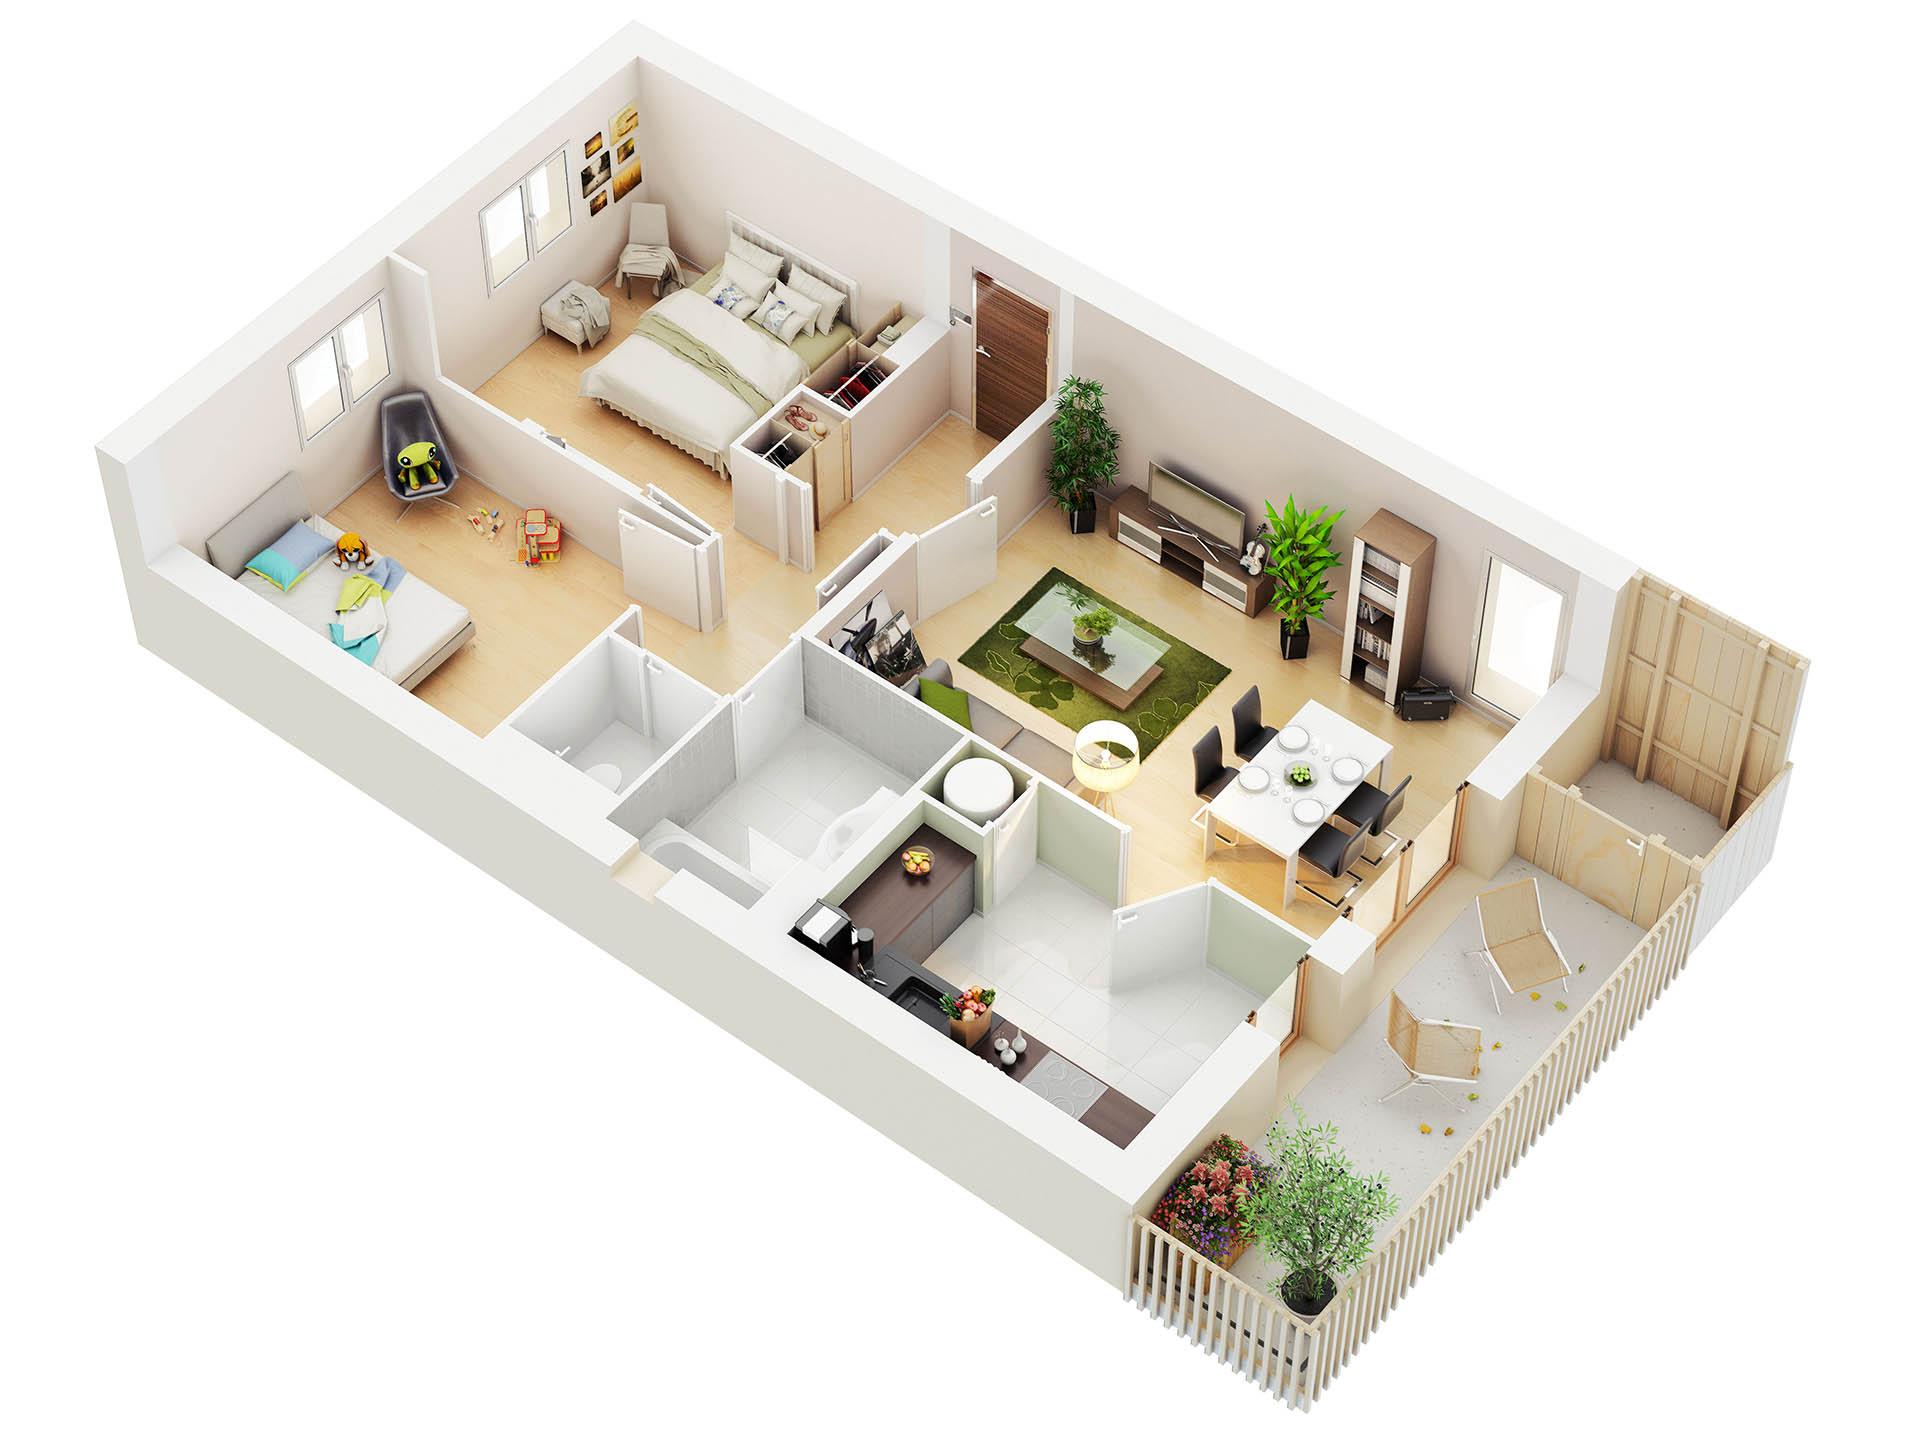 بالصور منازل صغيرة وجميلة , اجمل تصاميم المنازل 4825 2